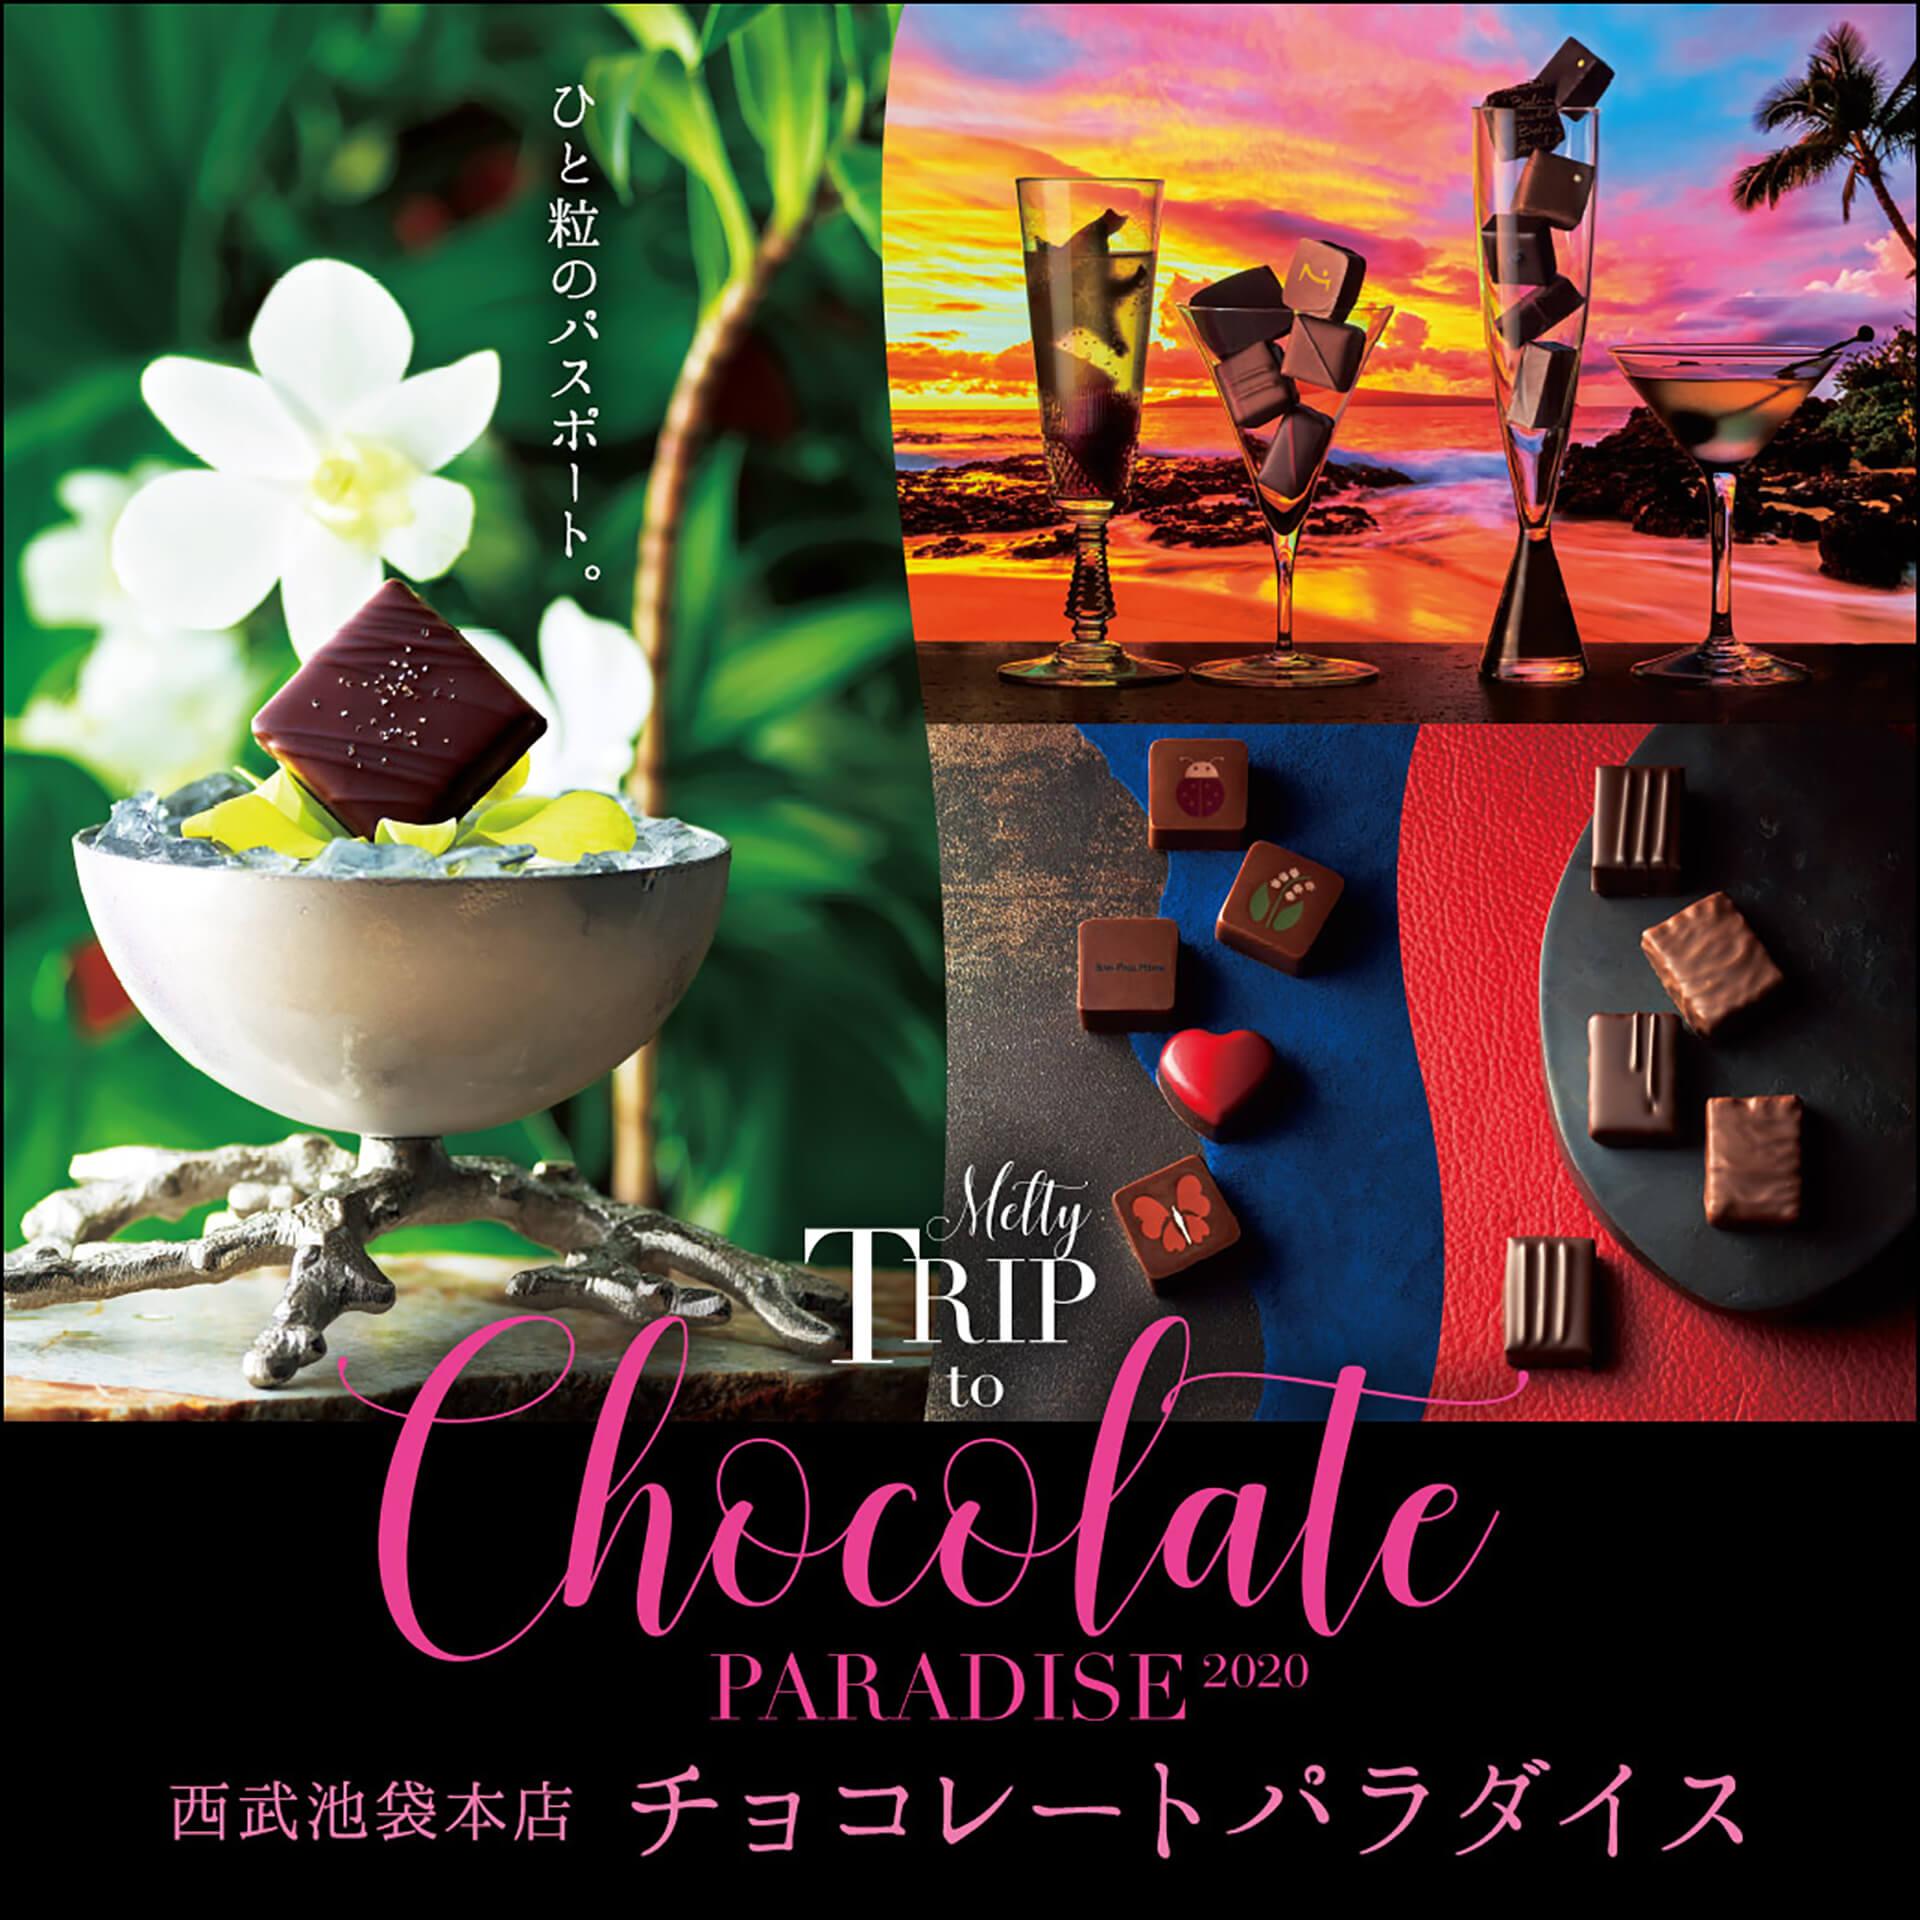 チョコレートパラダイス2020バナー